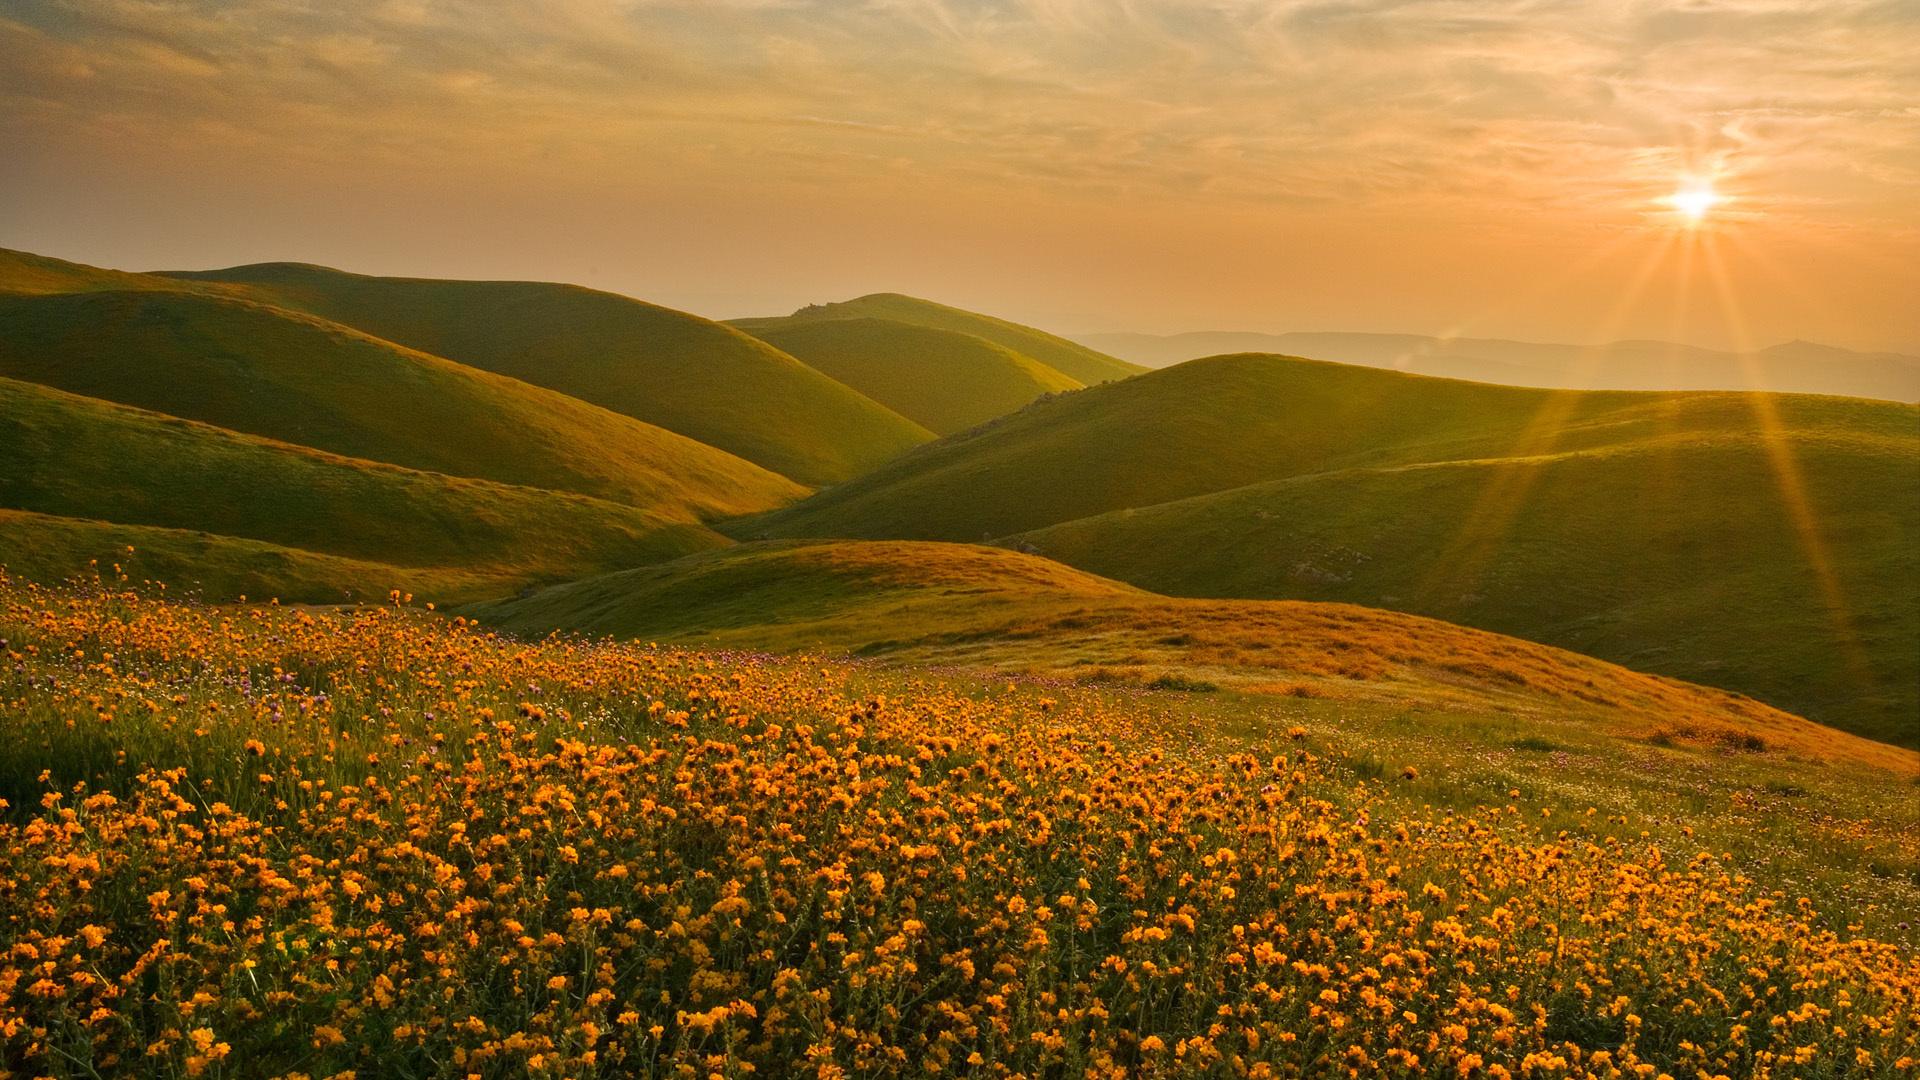 цветы поляна горы холм небо  № 3836158  скачать